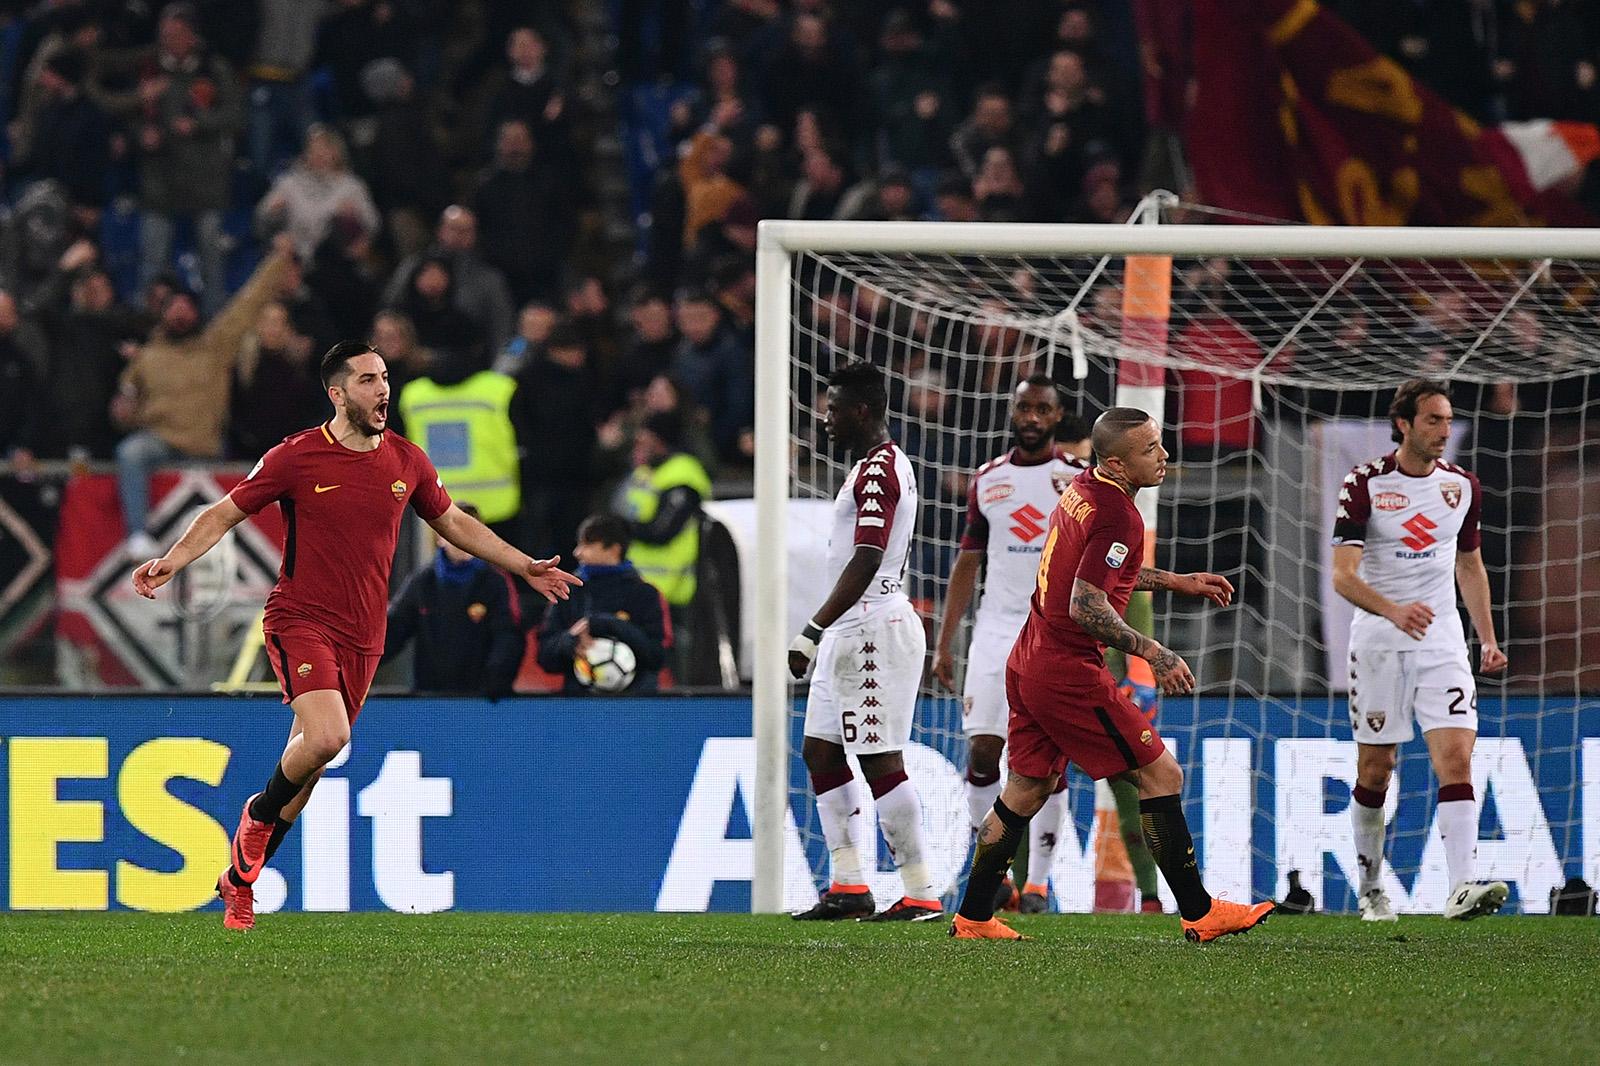 Veselje Manolasa ob prvem zadetku. Foto: FC Roma